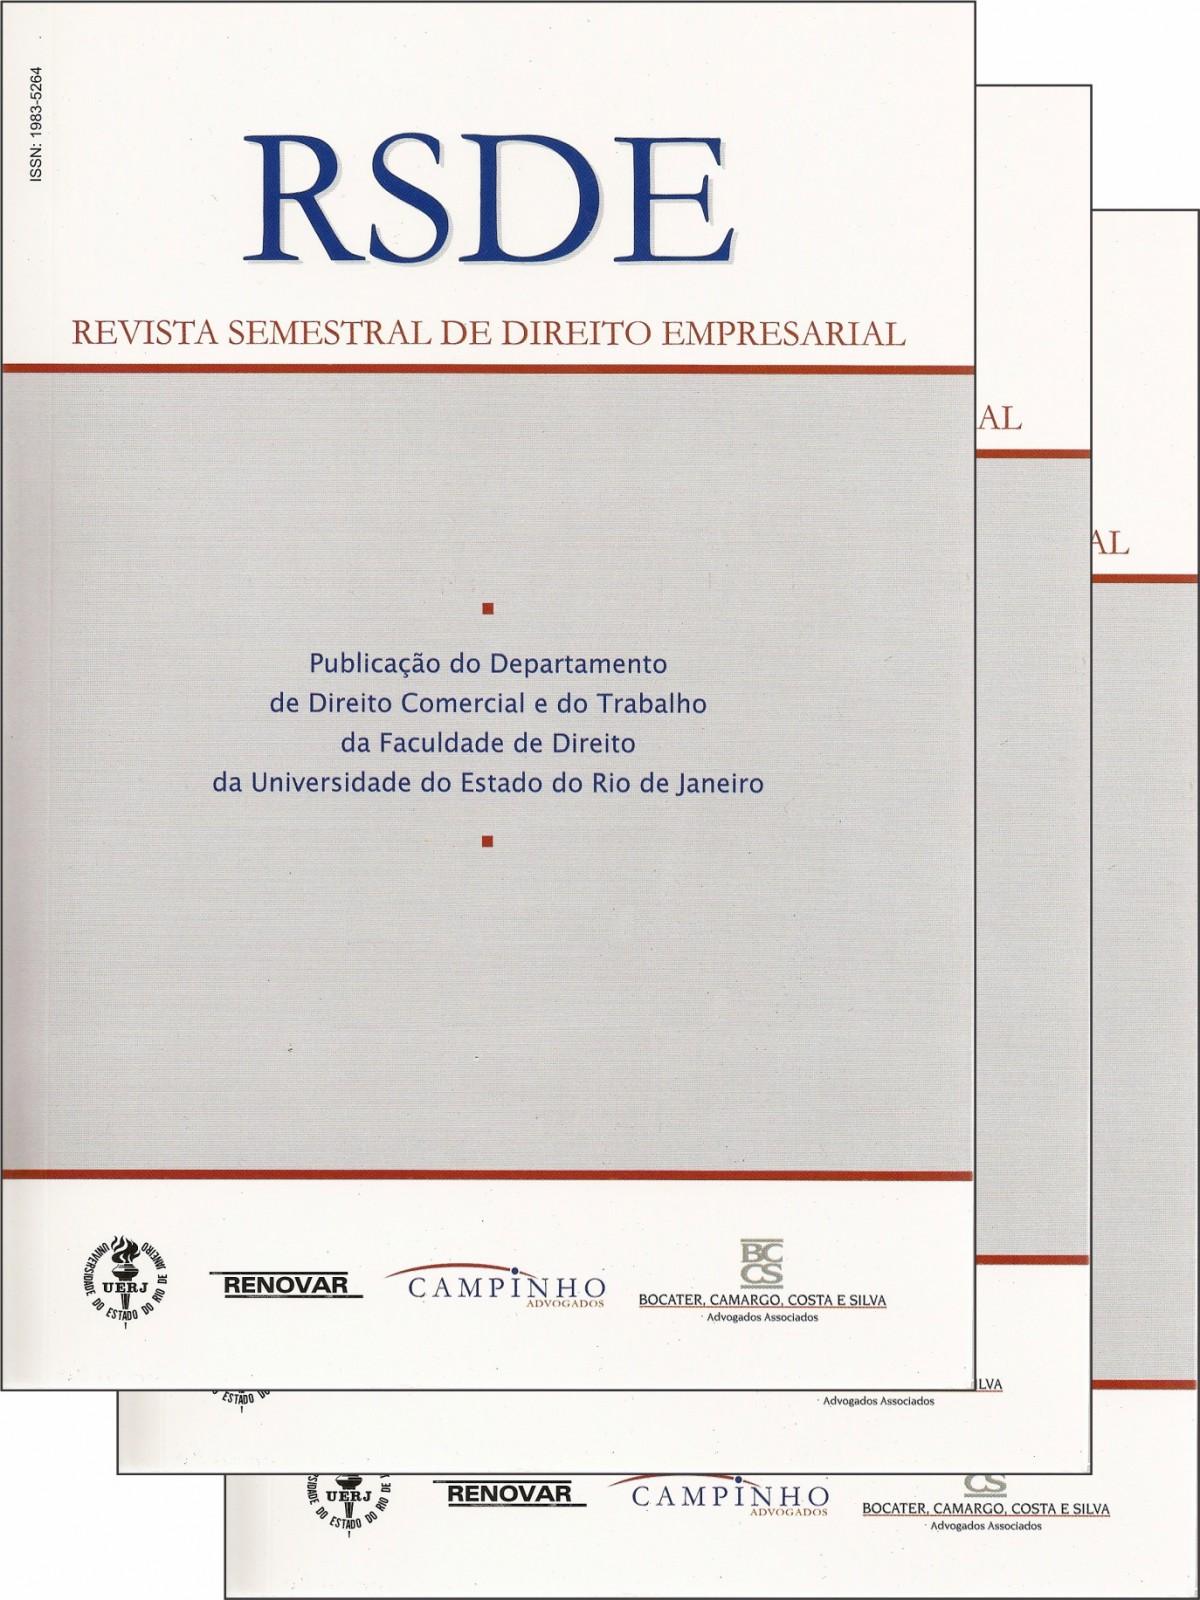 Foto 1 - Coleção RSDE - 17 Volumes